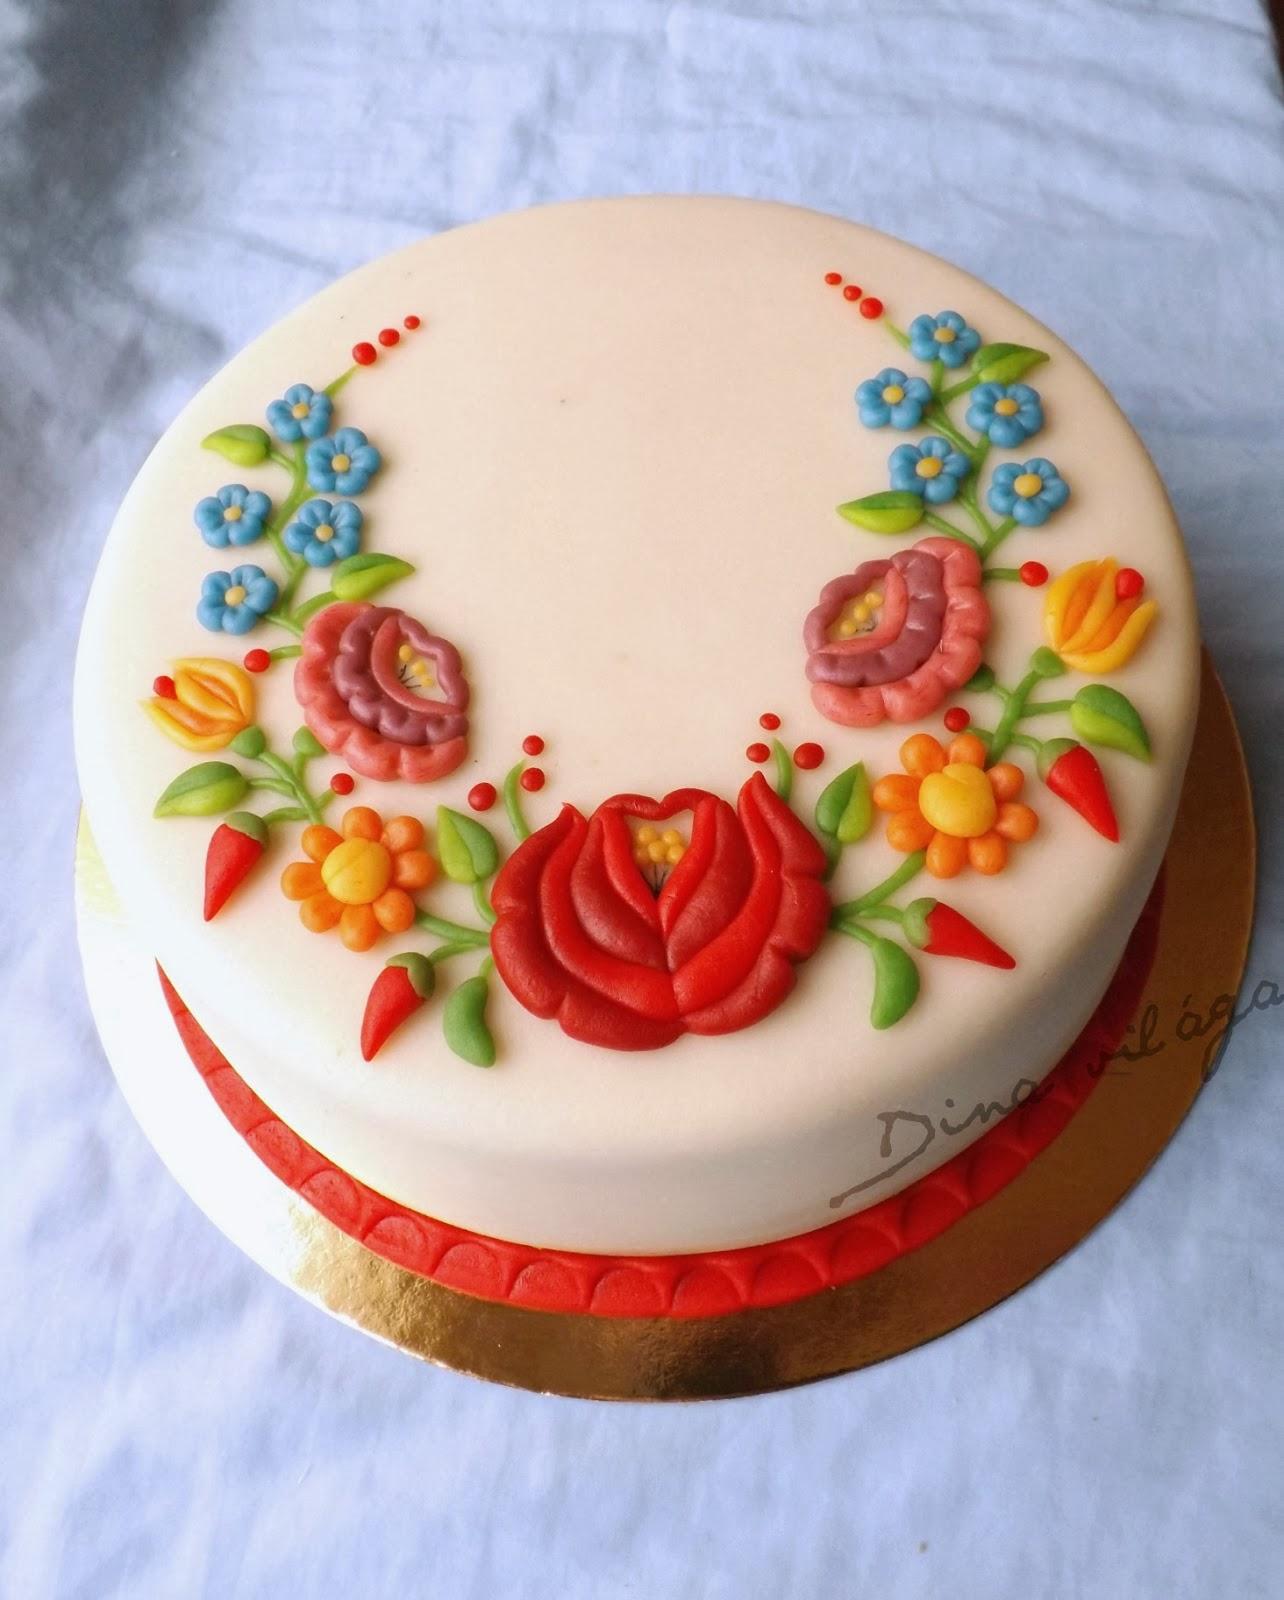 kalocsai mintás torta képek Kalocsai torta kalocsai mintás torta képek